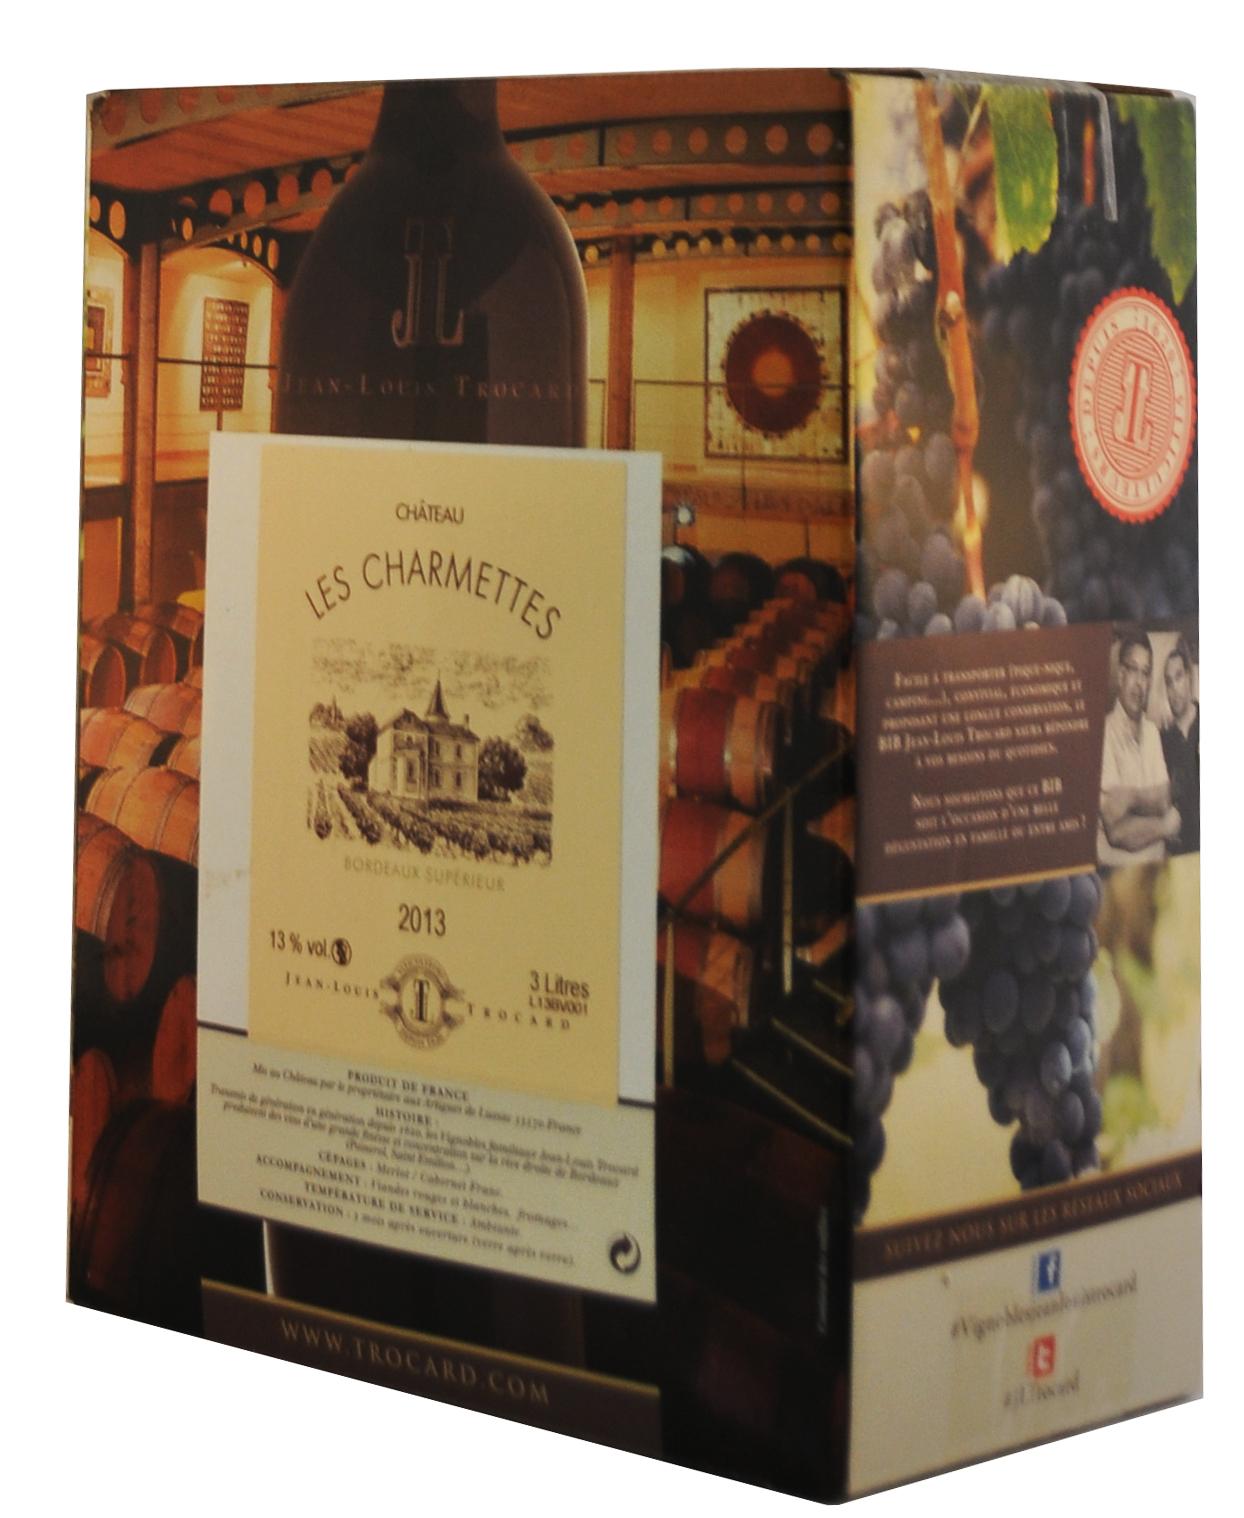 Cubi de qualité - Château Les Charmettes - Bordeaux Supérieur - 3L - ROUGE - 2016